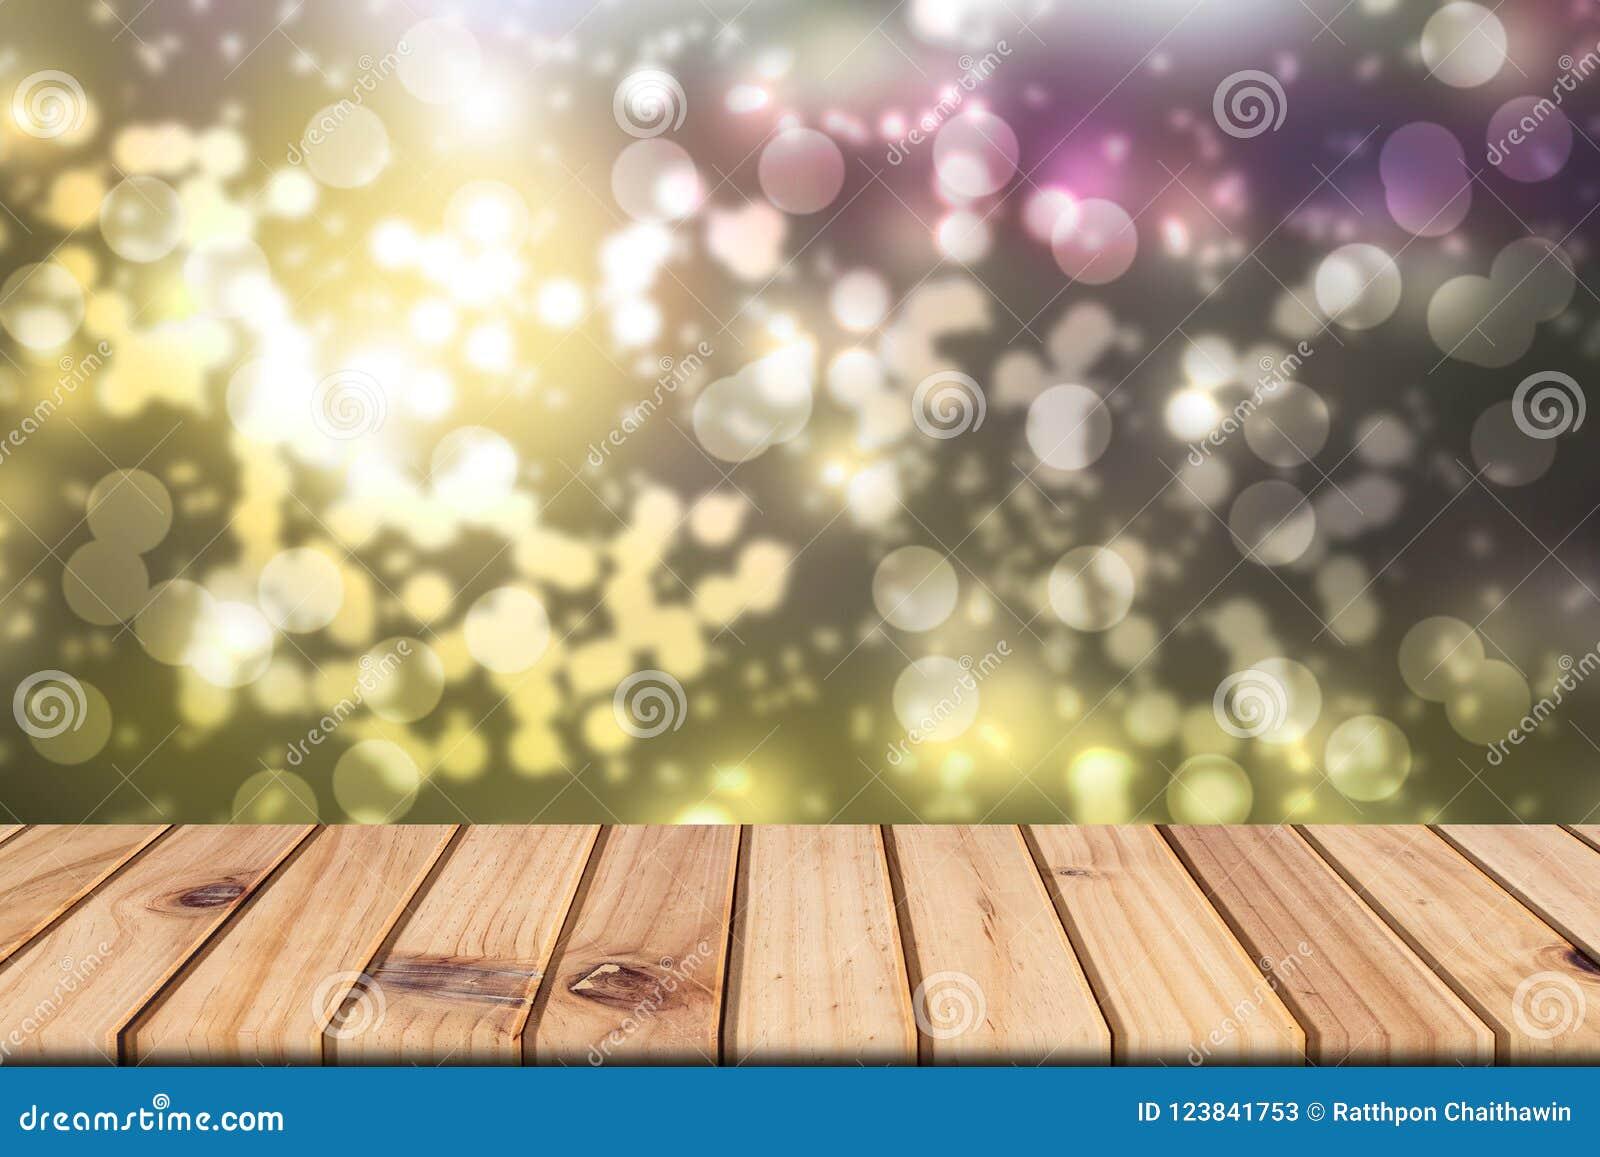 La tabla de madera vacía en frente empañó el fondo colorido del bokeh